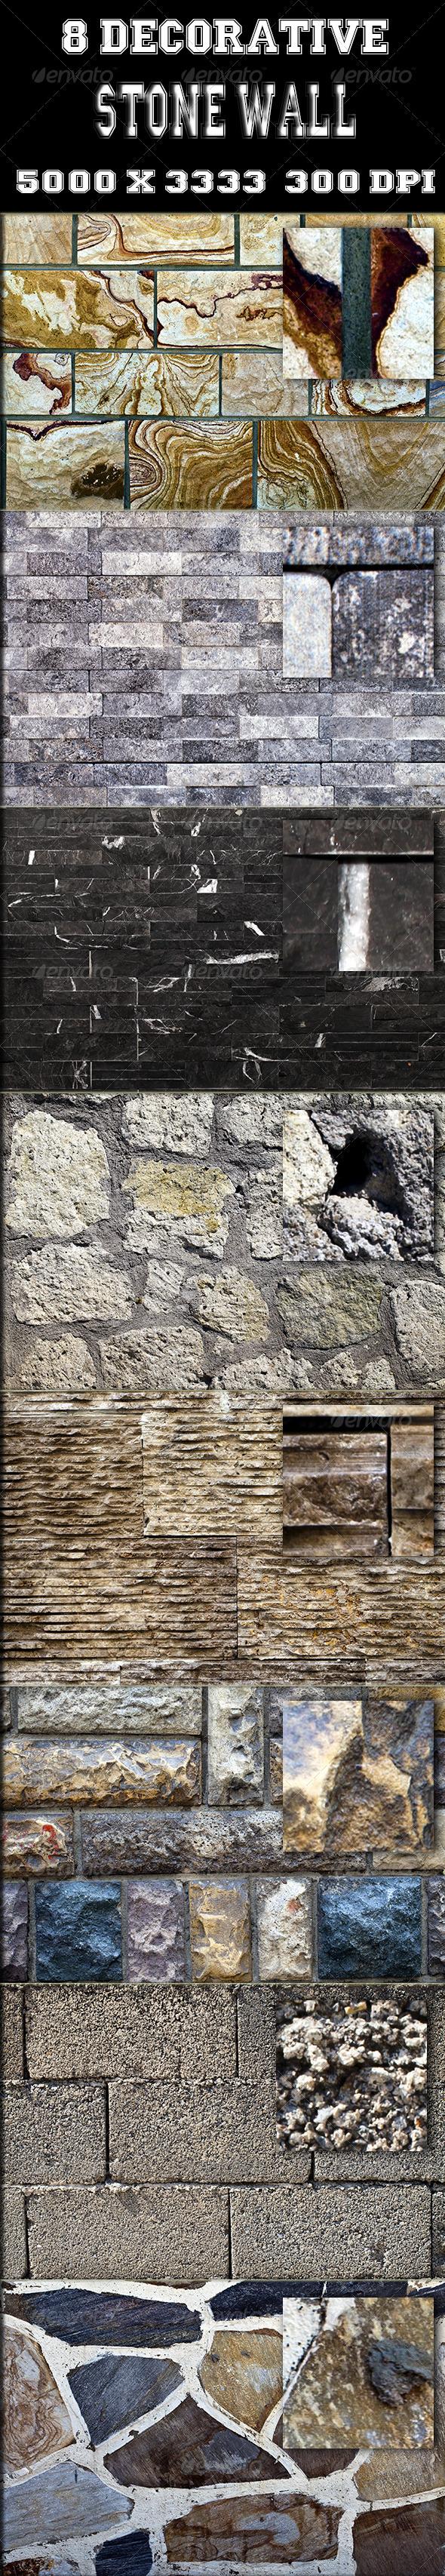 GraphicRiver 8 Decorative Stone Wall Texture 2656656